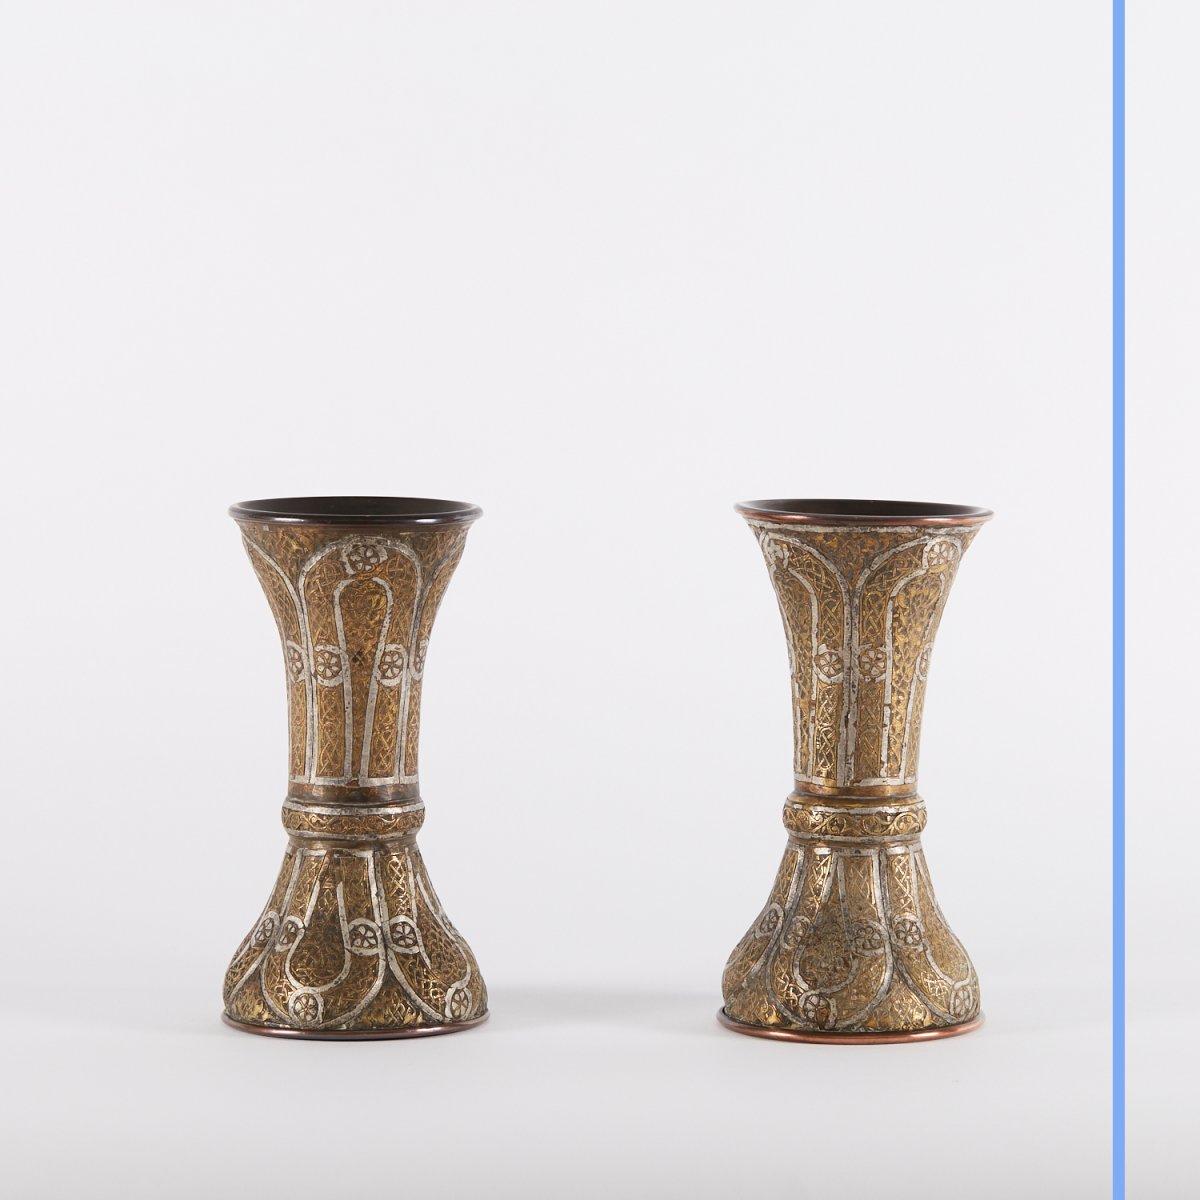 Paire de vases en métal argenté et doré gravé, Syrie, XIXe-photo-3